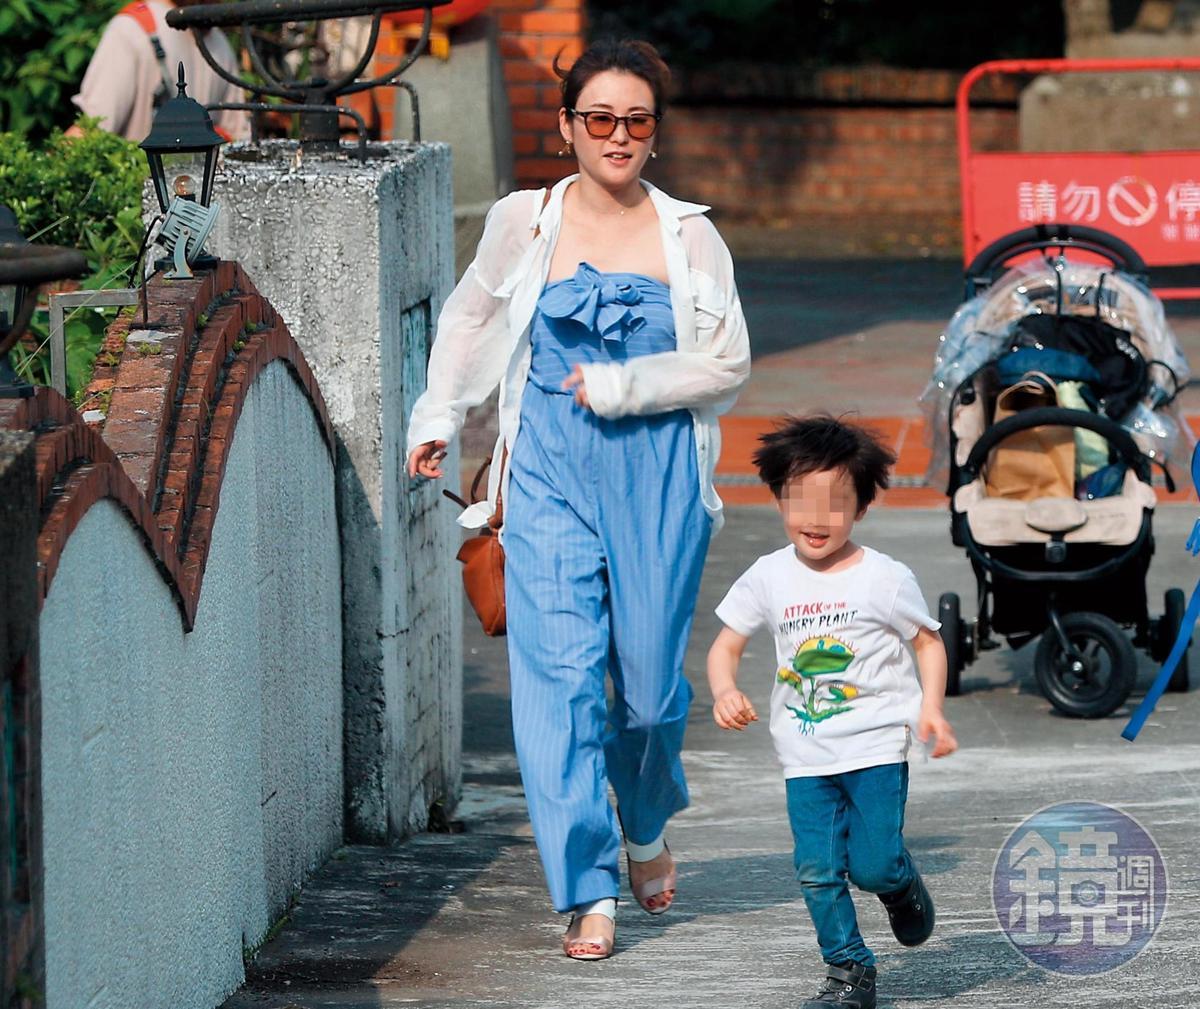 16:02, 麻衣的小孩向前奔跑,後面一堆擔心他的大人也跟著他衝刺。